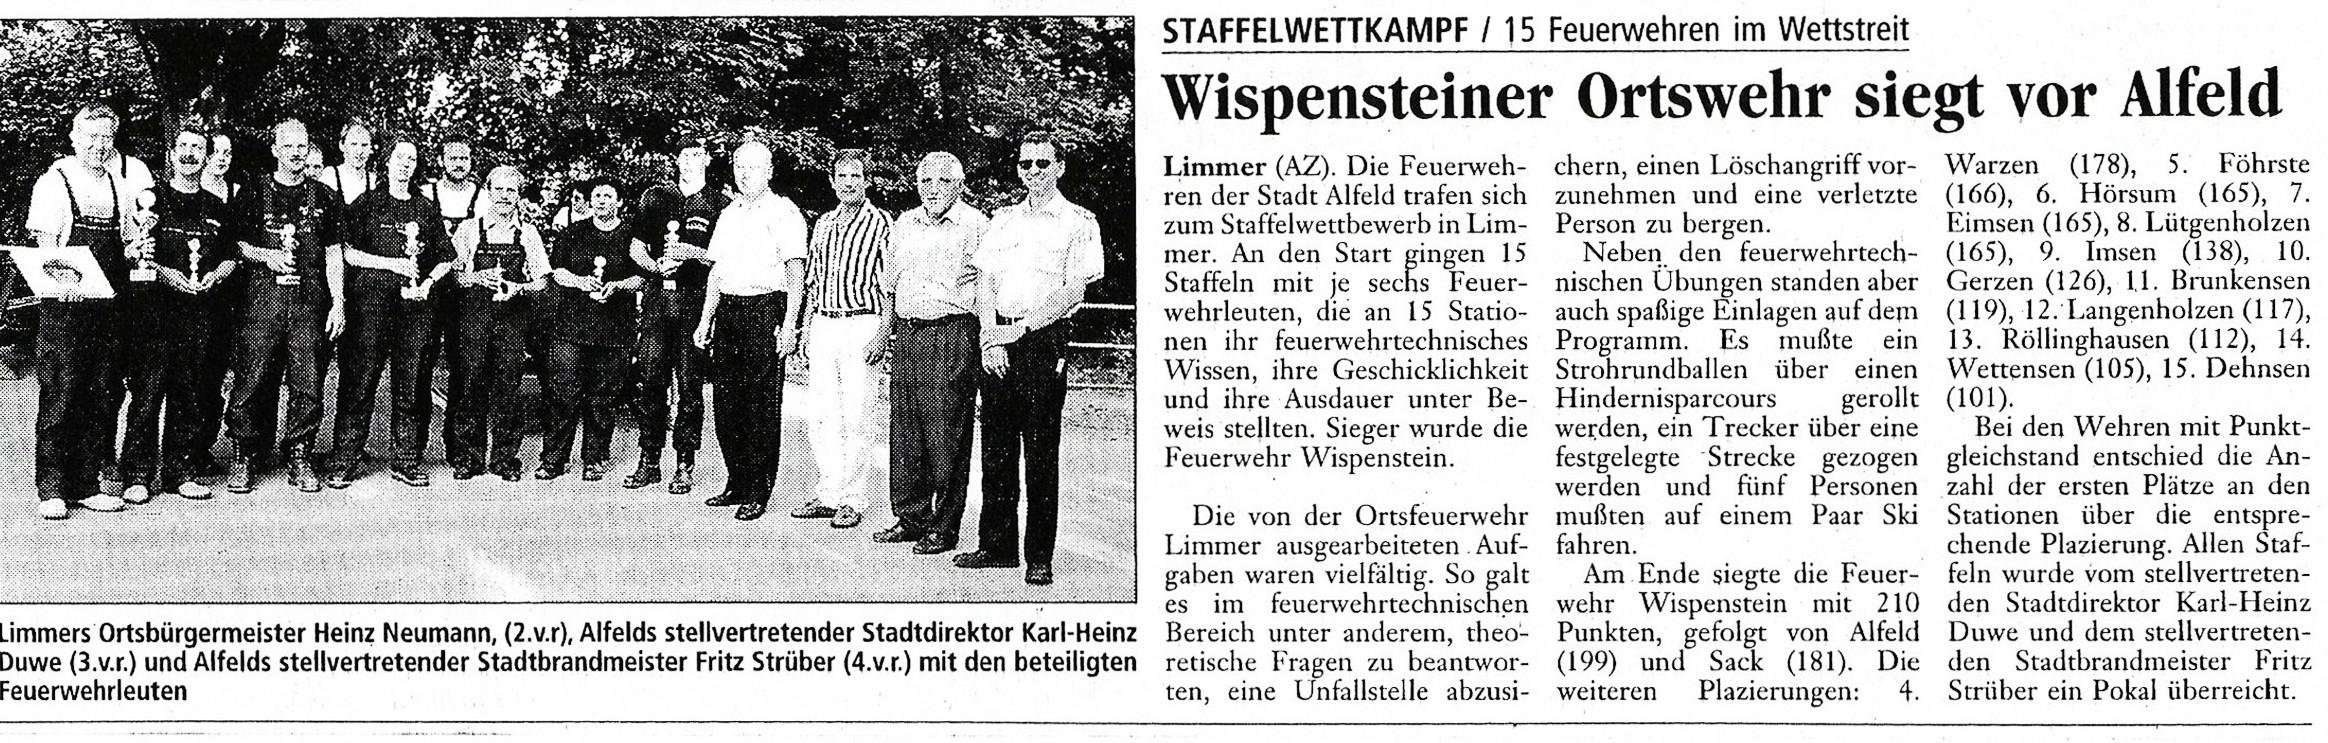 1999-06-09 Wispensteiner Ortswehr siegt vor Alfeld